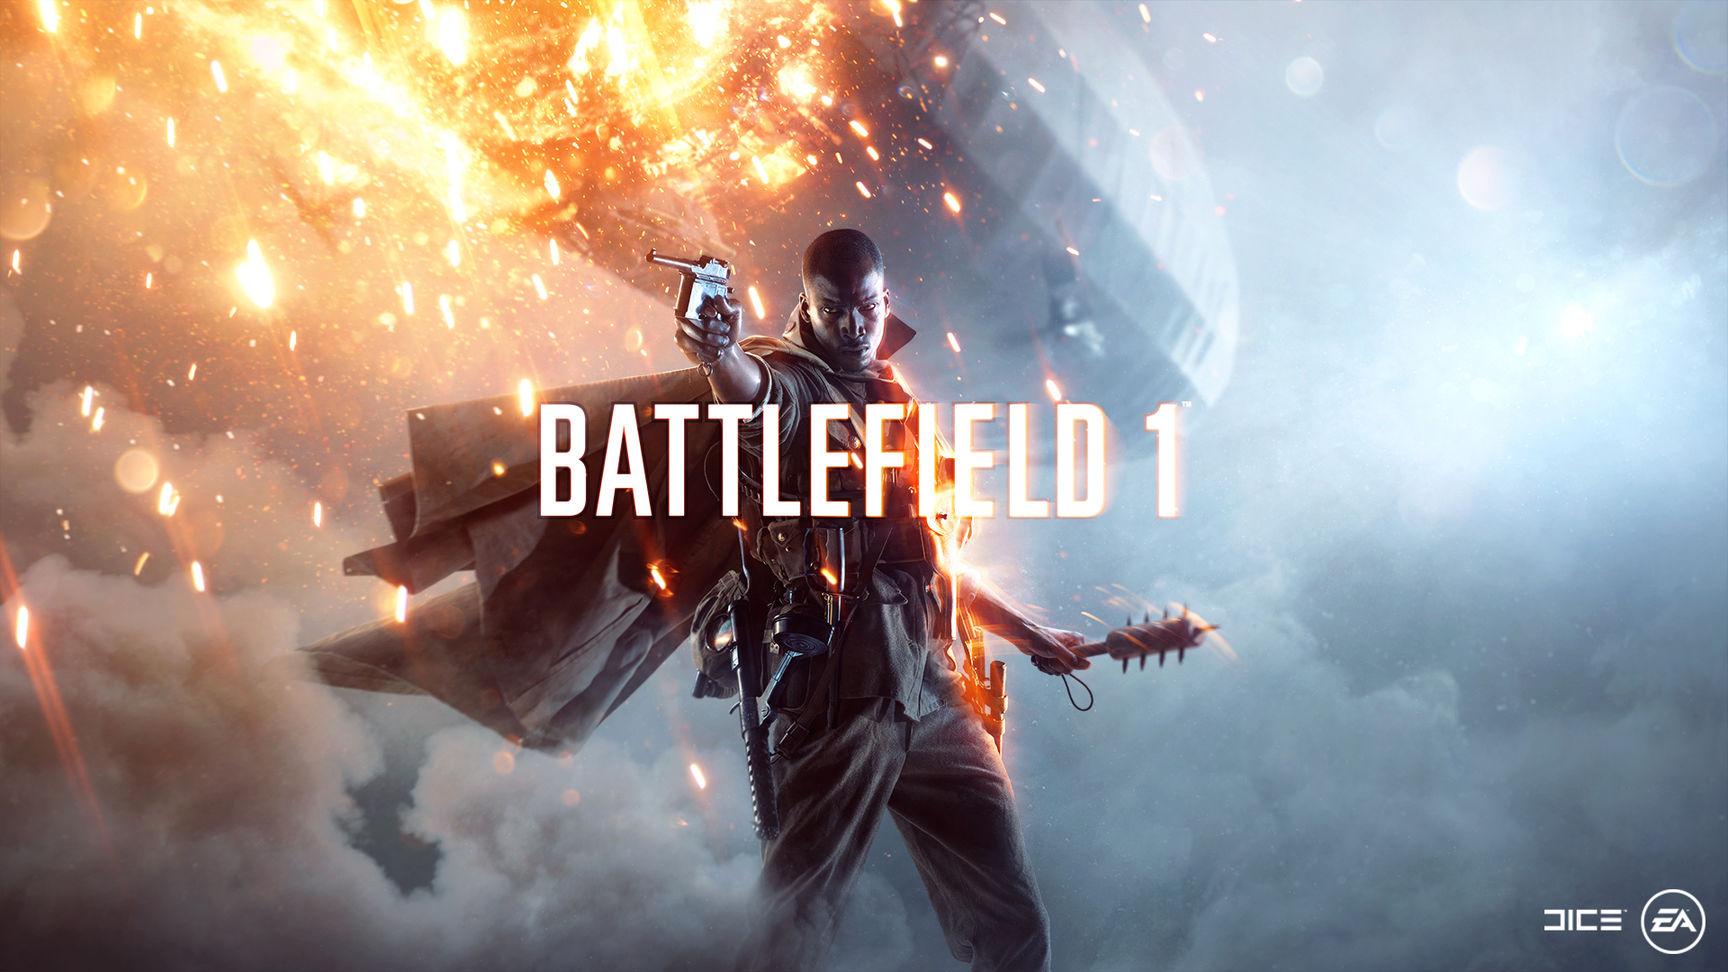 La Prima guerra mondiale si combatte in console grazie a Battlefield 1